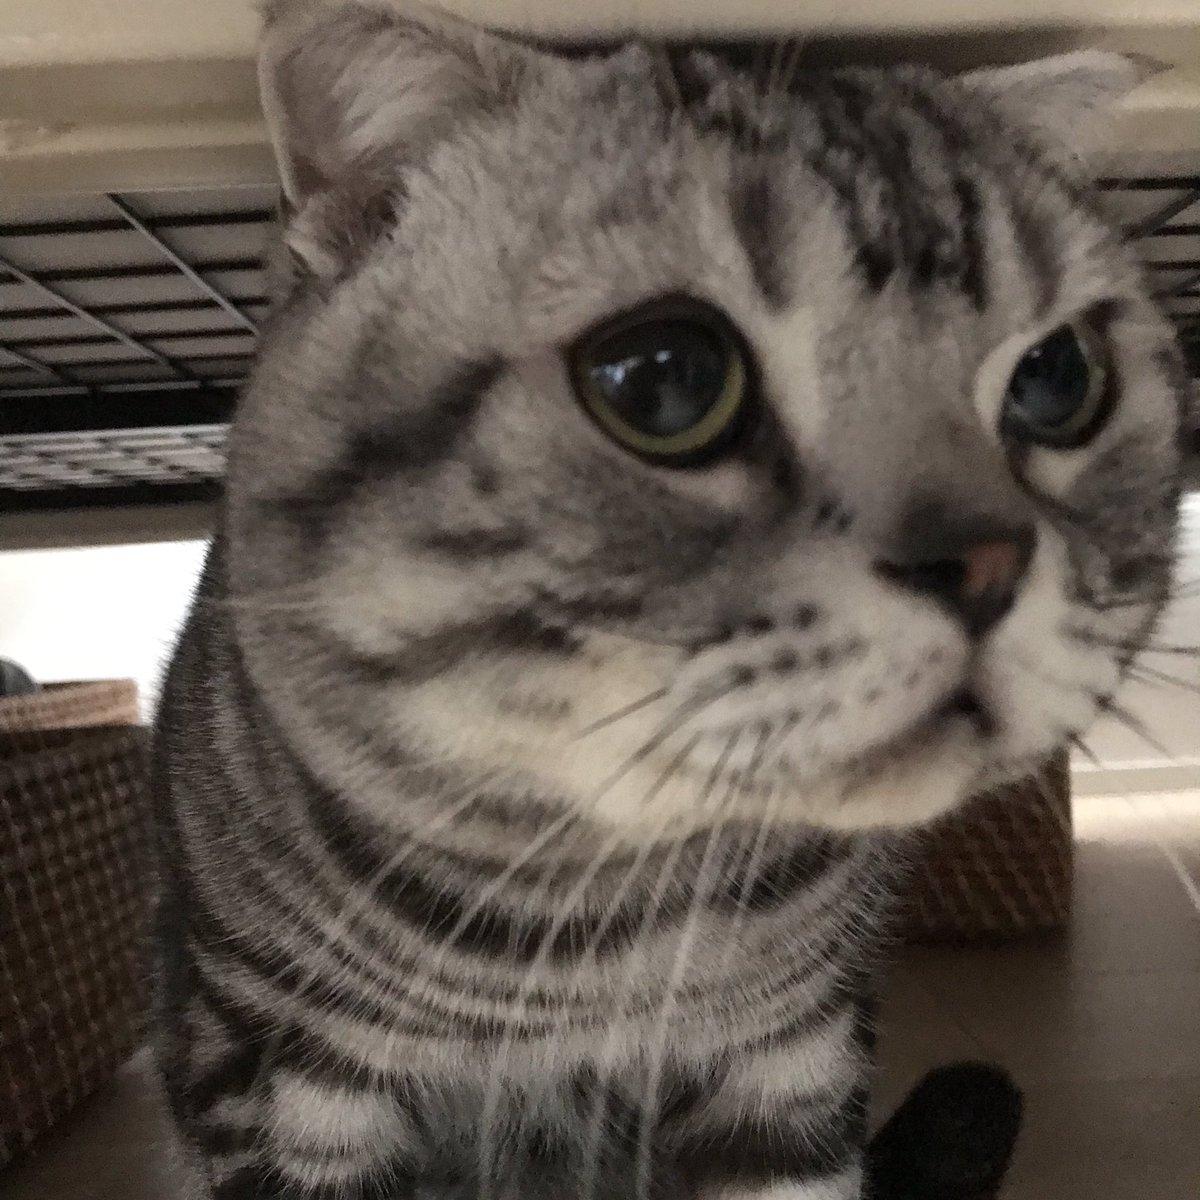 うぅぅ🐱 ベッドの下がお気に入りです  #猫 #cat #ビス